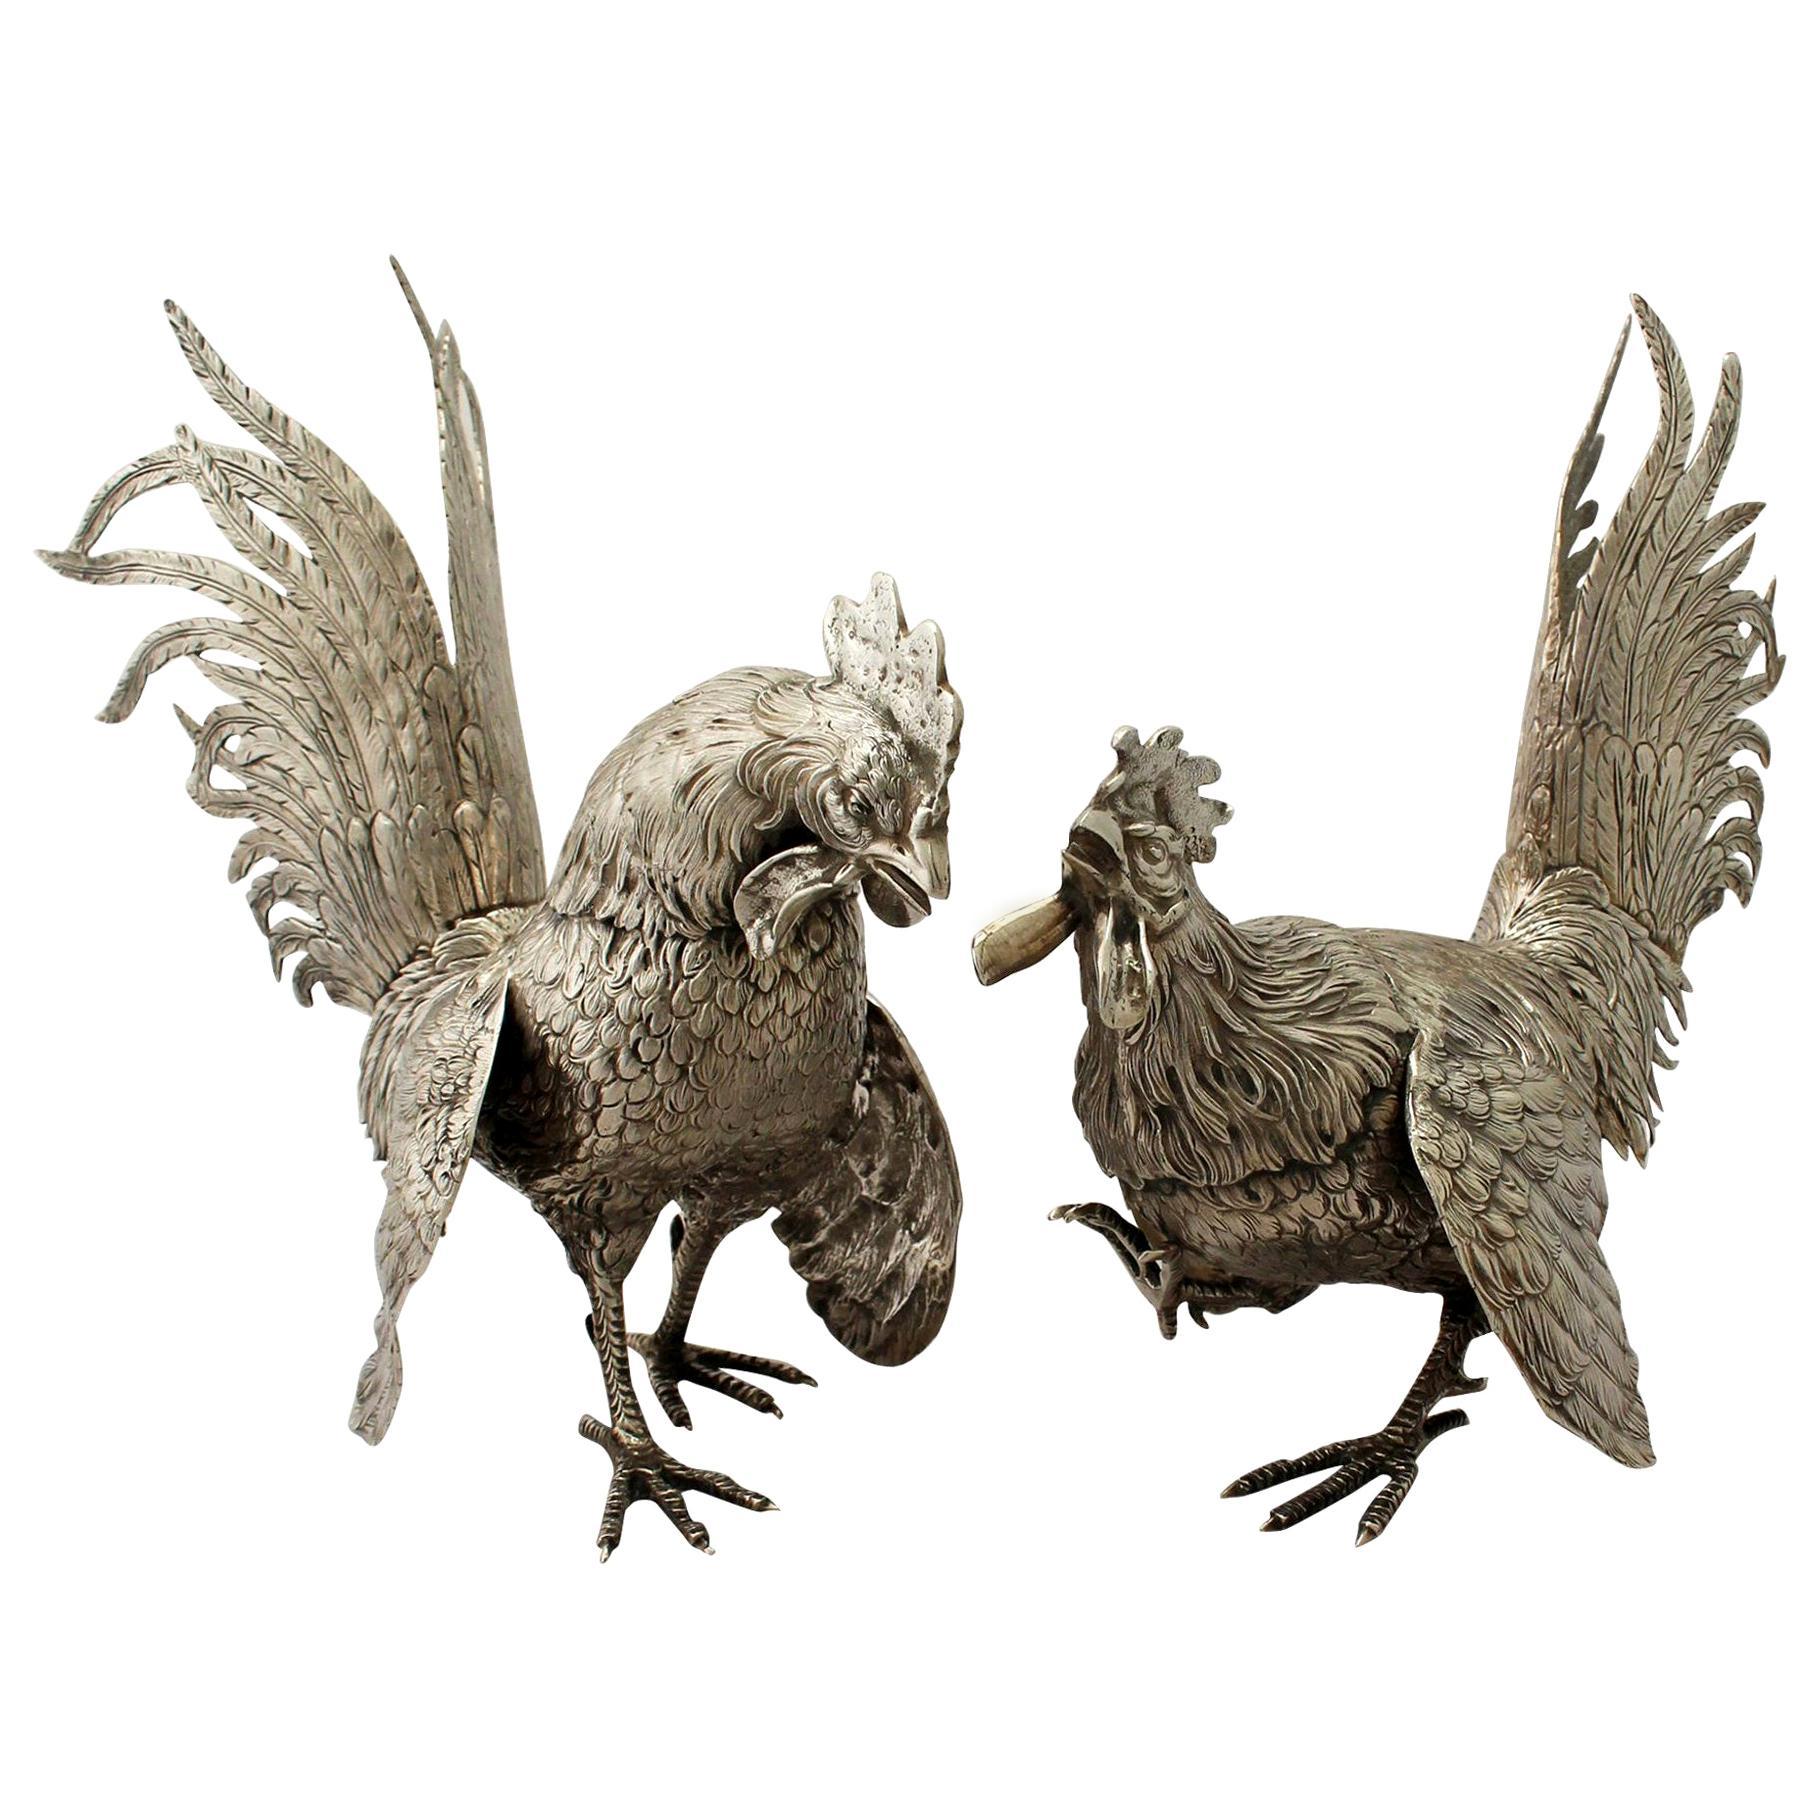 Antique 1920s German Silver Fighting Cockerel Ornaments